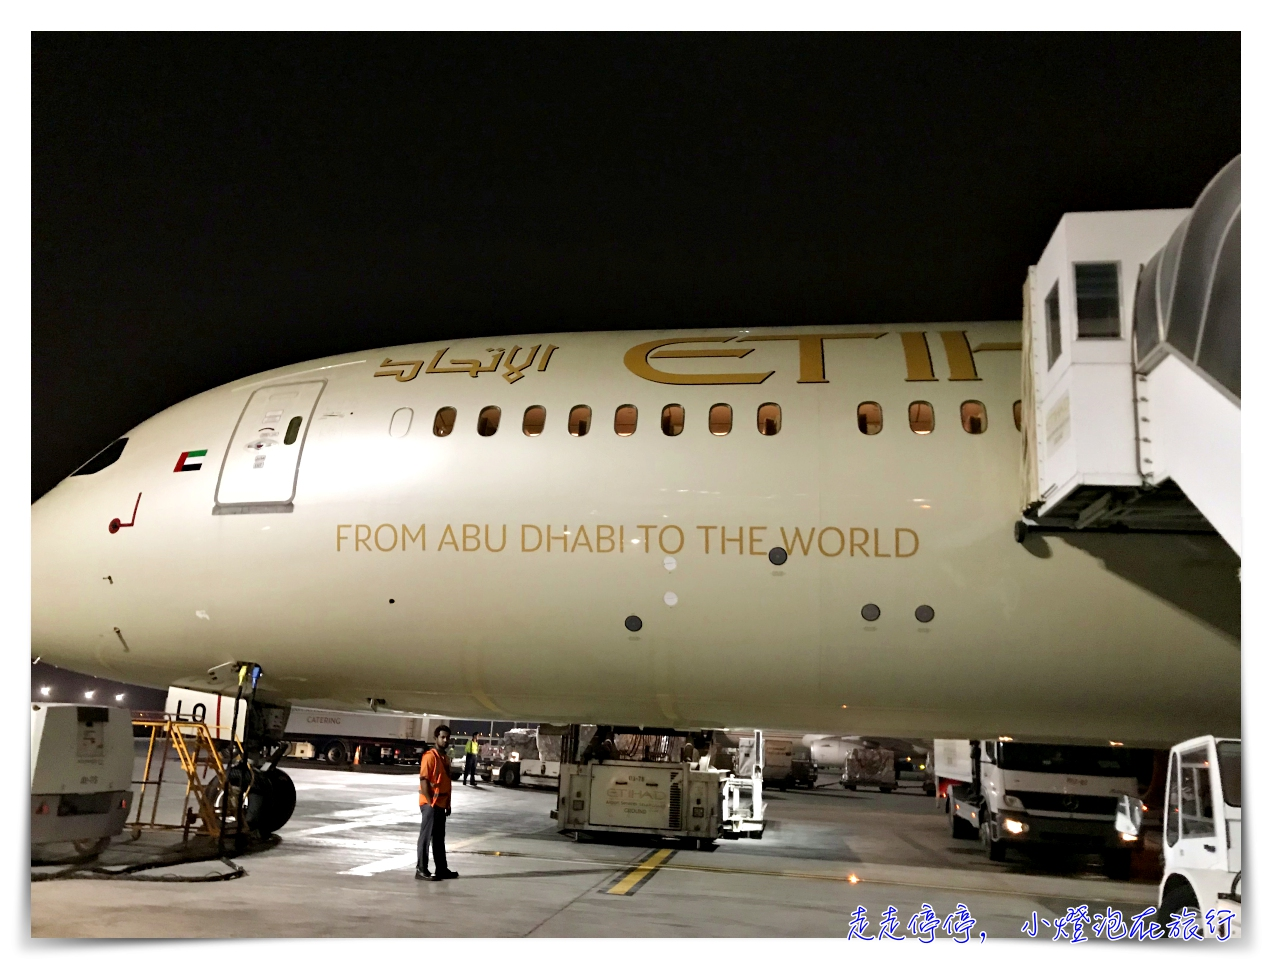 延伸閱讀:吉隆坡到馬德里|阿提哈德航空外站出發划算票價~朝聖之路輾轉機票